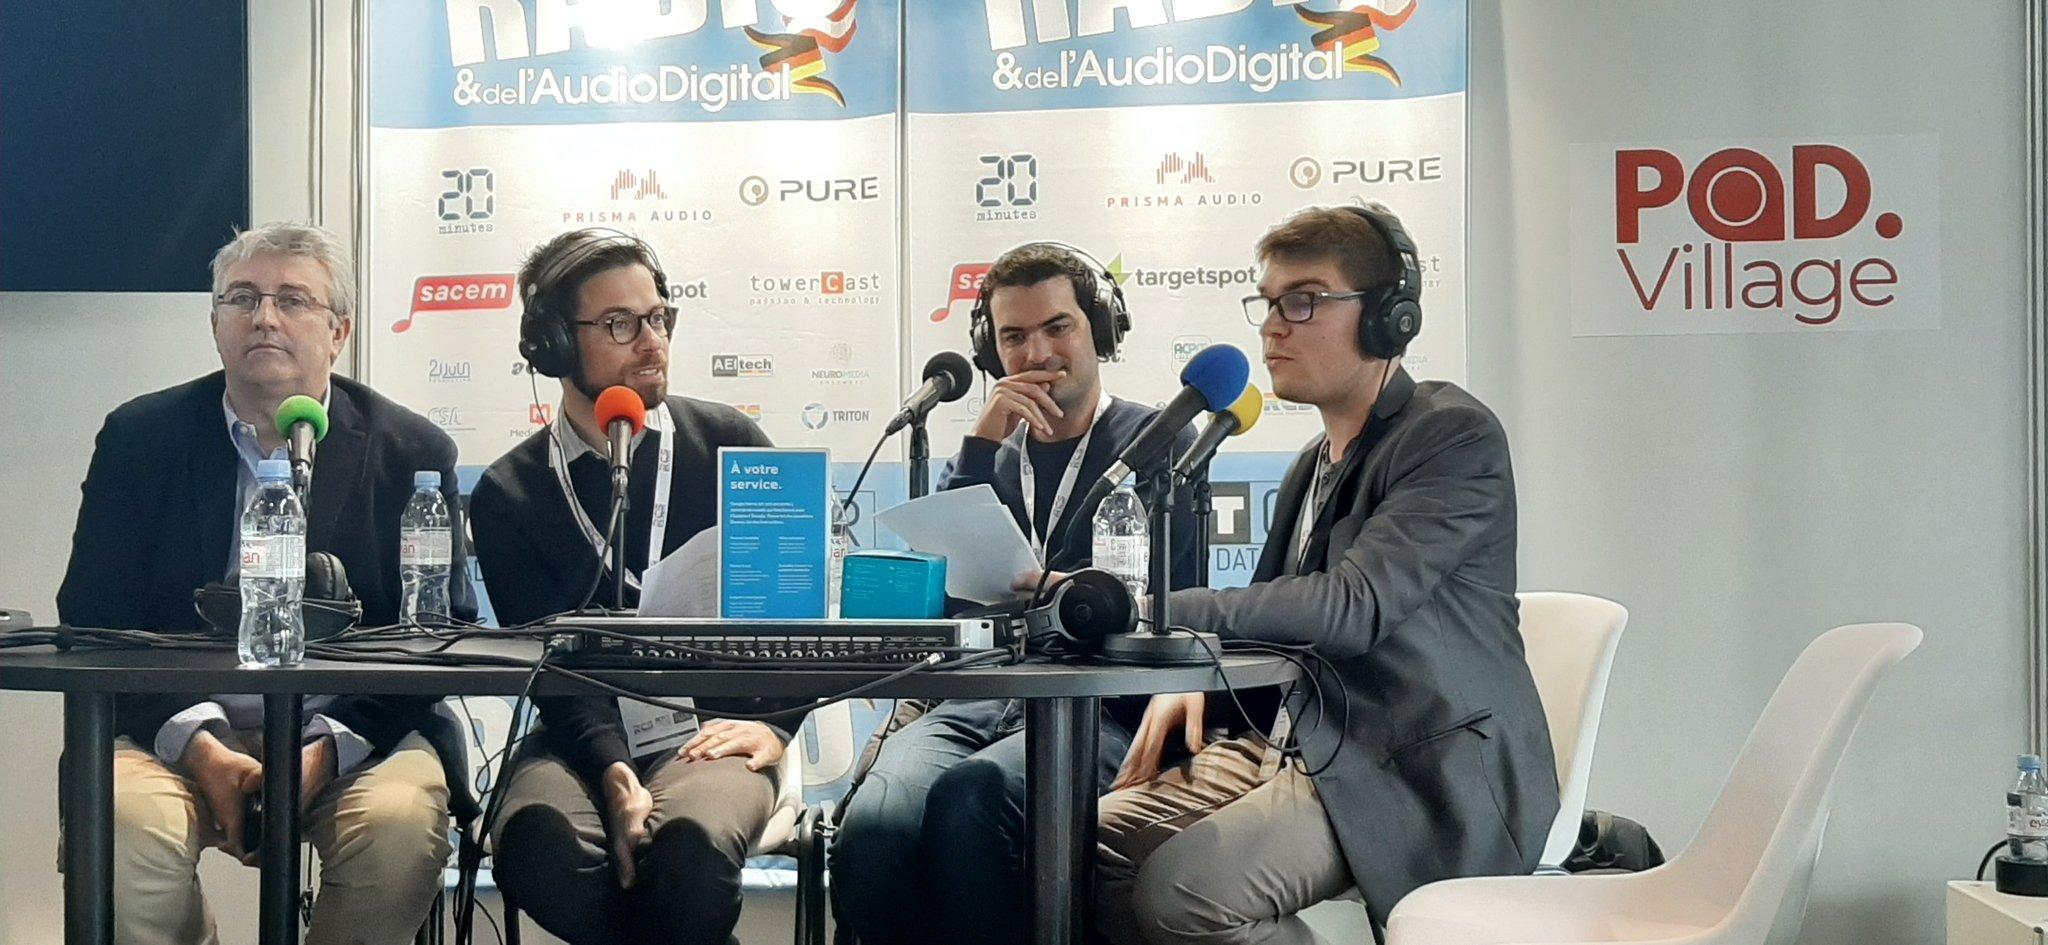 Photo de l'enregistrement sur la scène du Pod.Village au Salon de la radio (2/2)